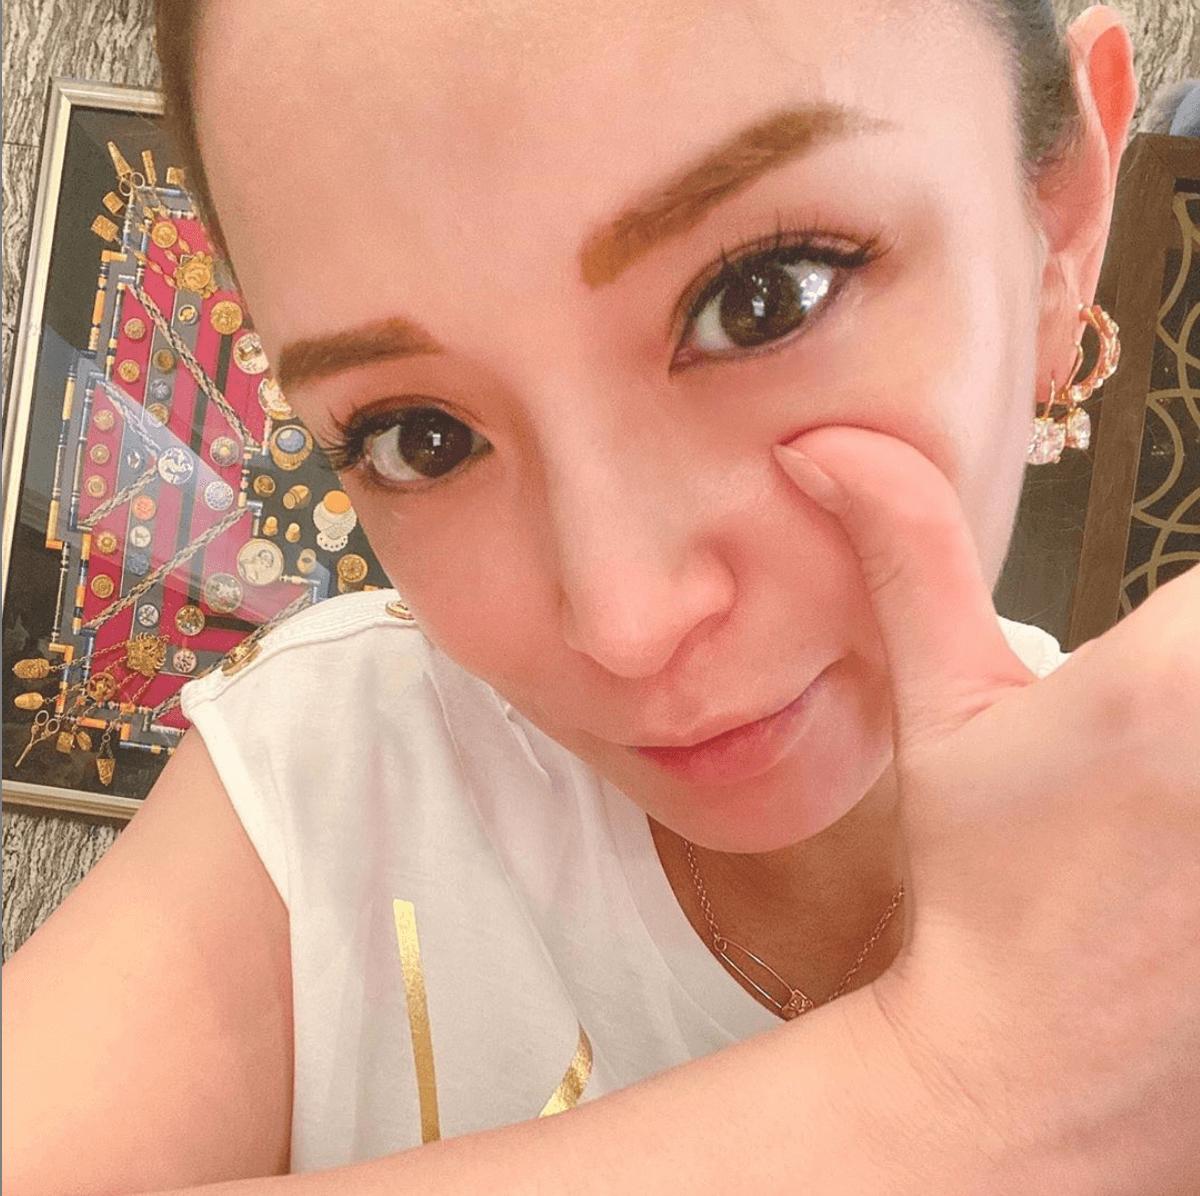 画像出典:浜崎あゆみオフィシャルInstagramより